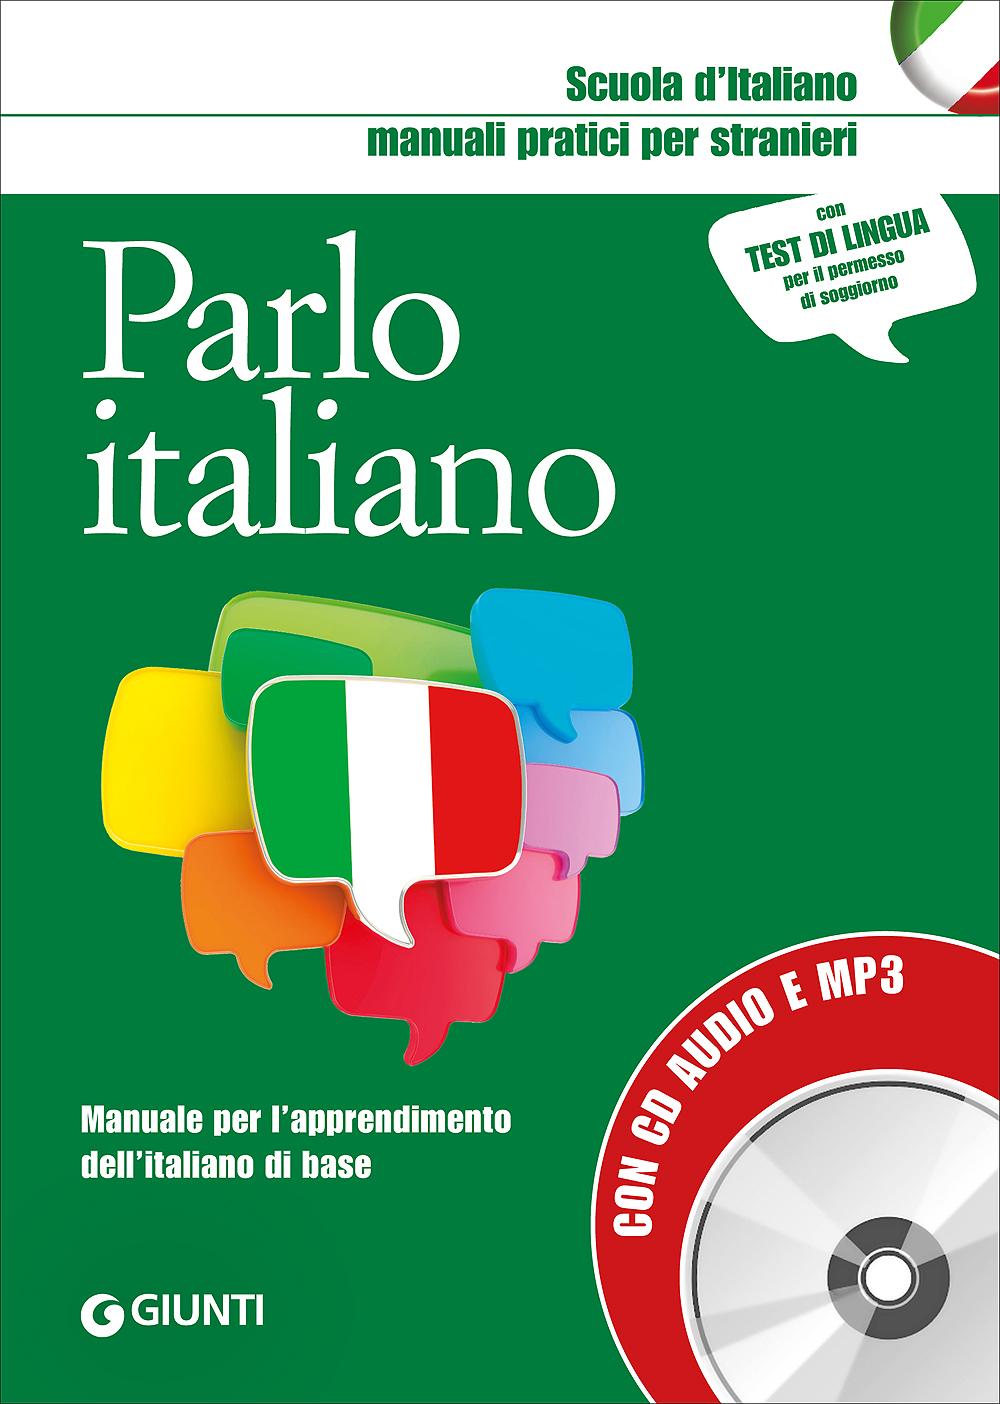 Parlo italiano + CD audio e MP3